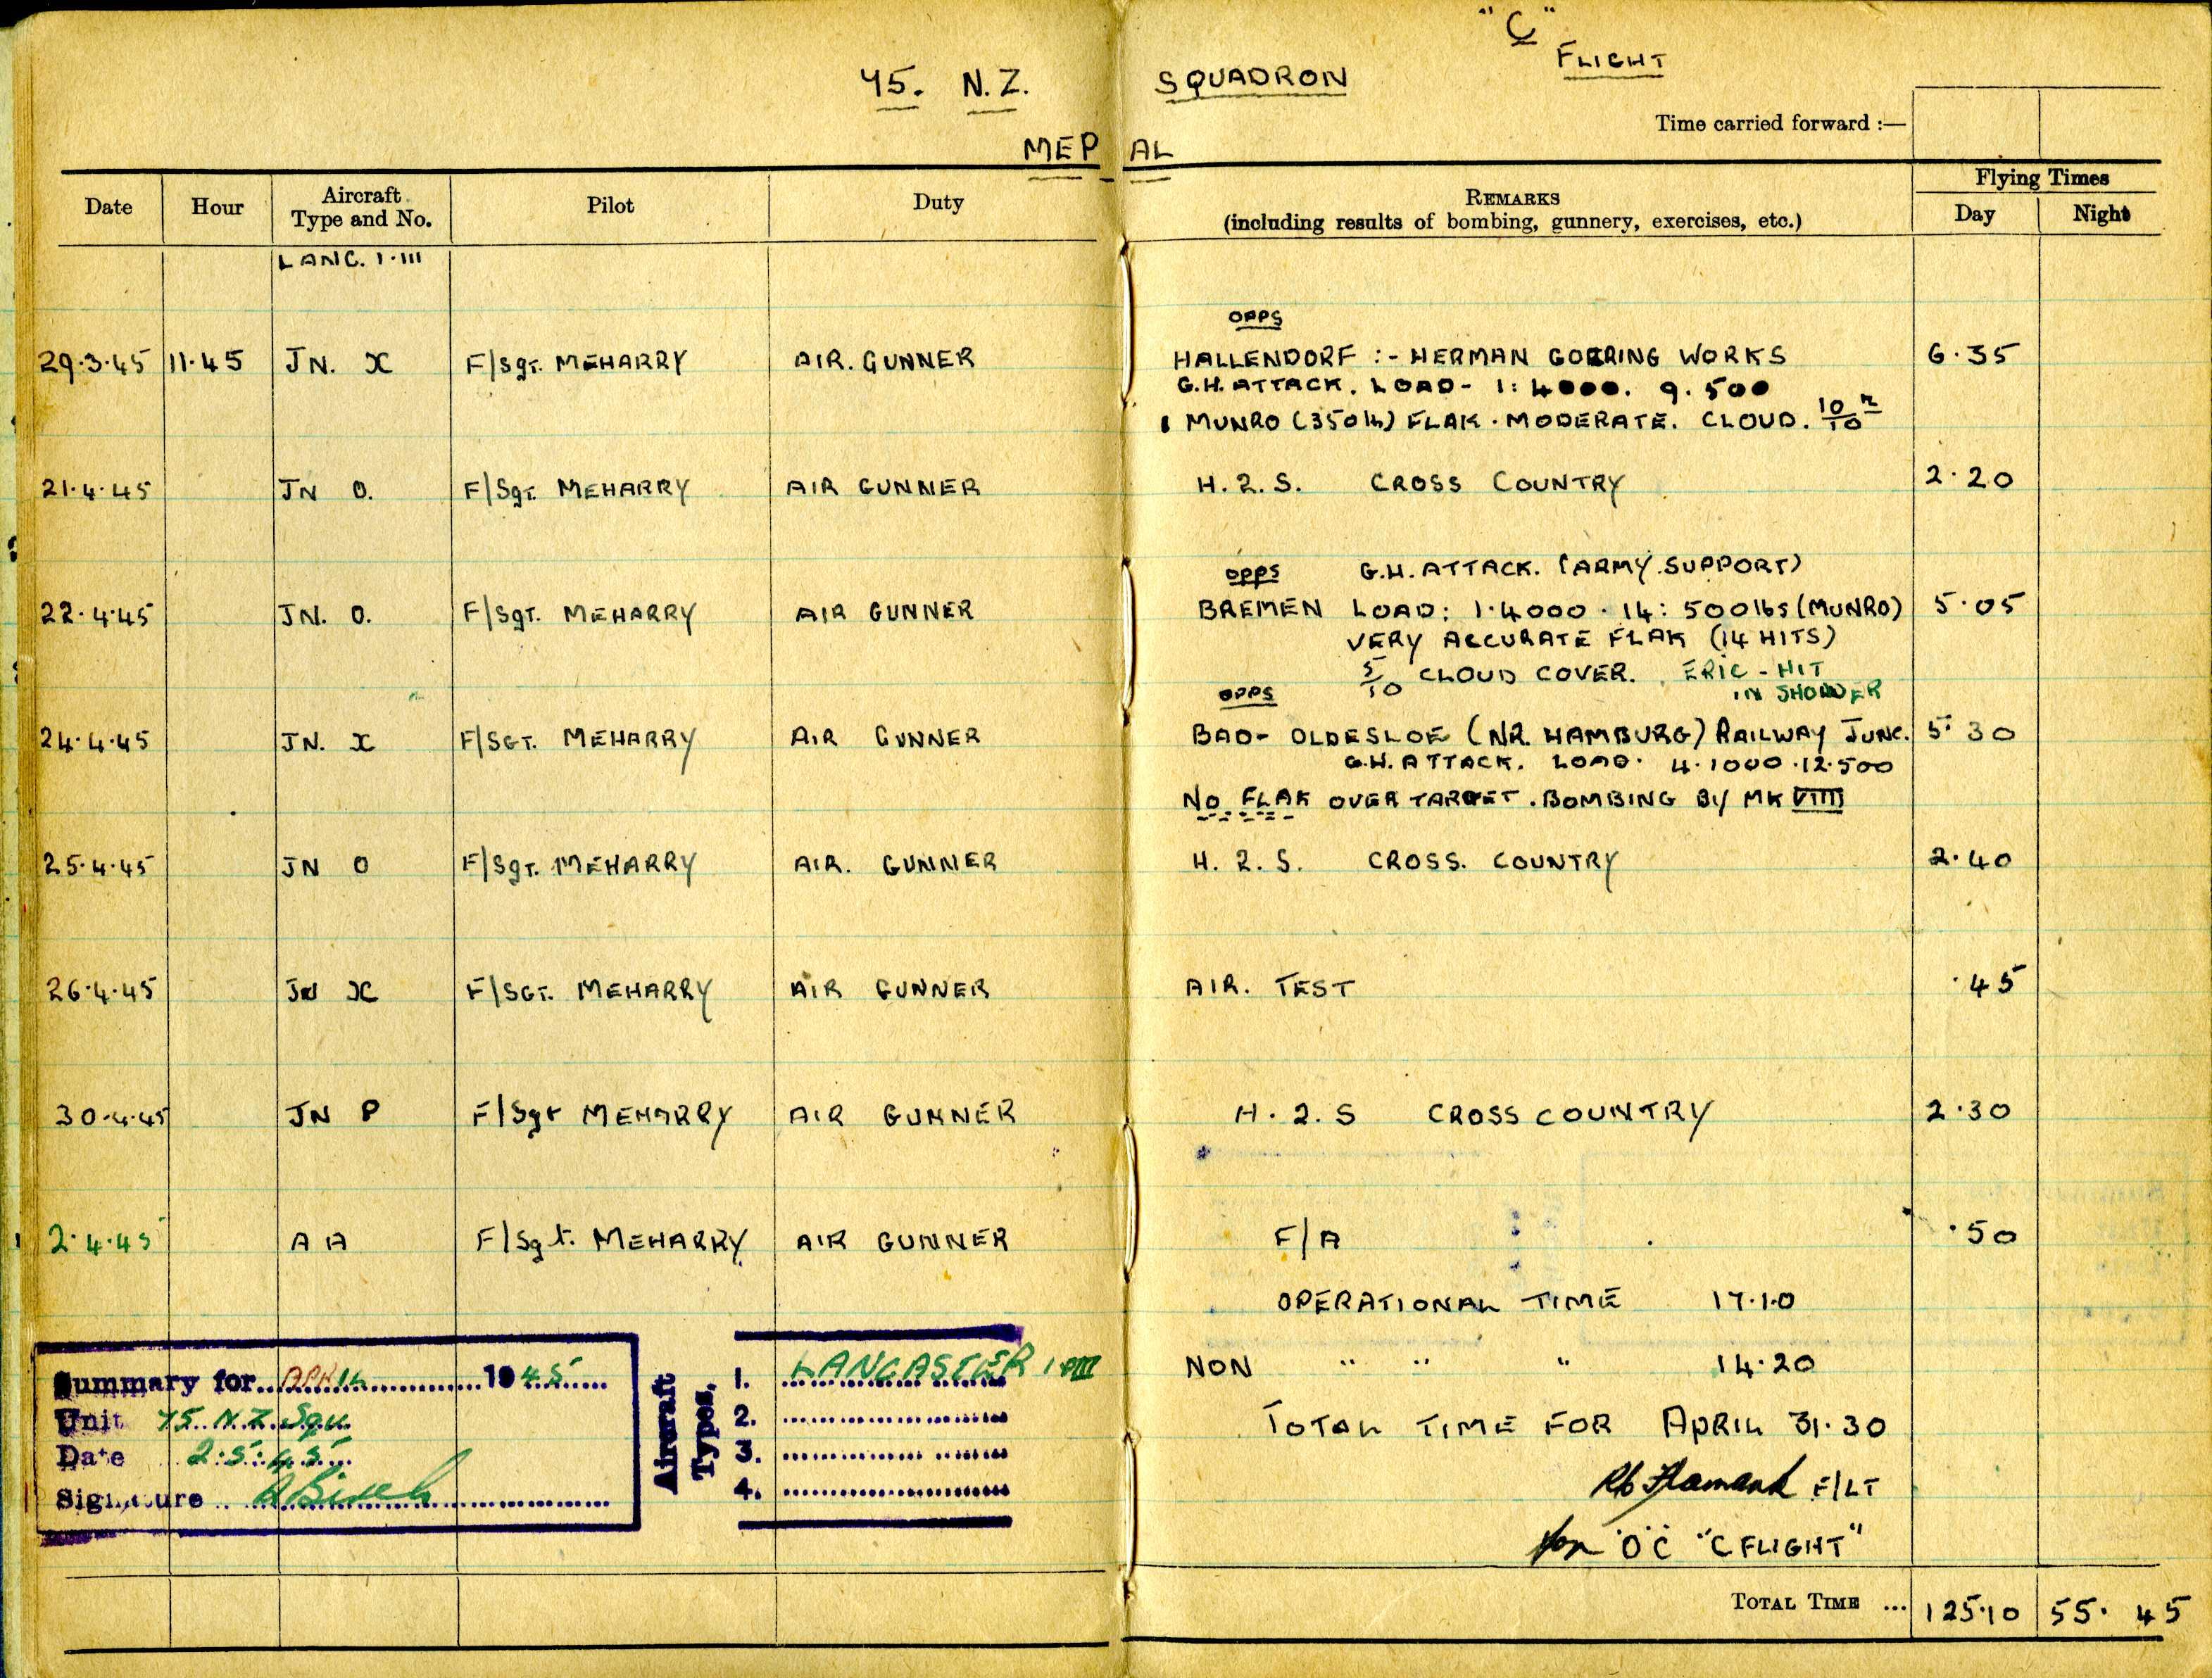 Uncle Reub RAF logbook 11